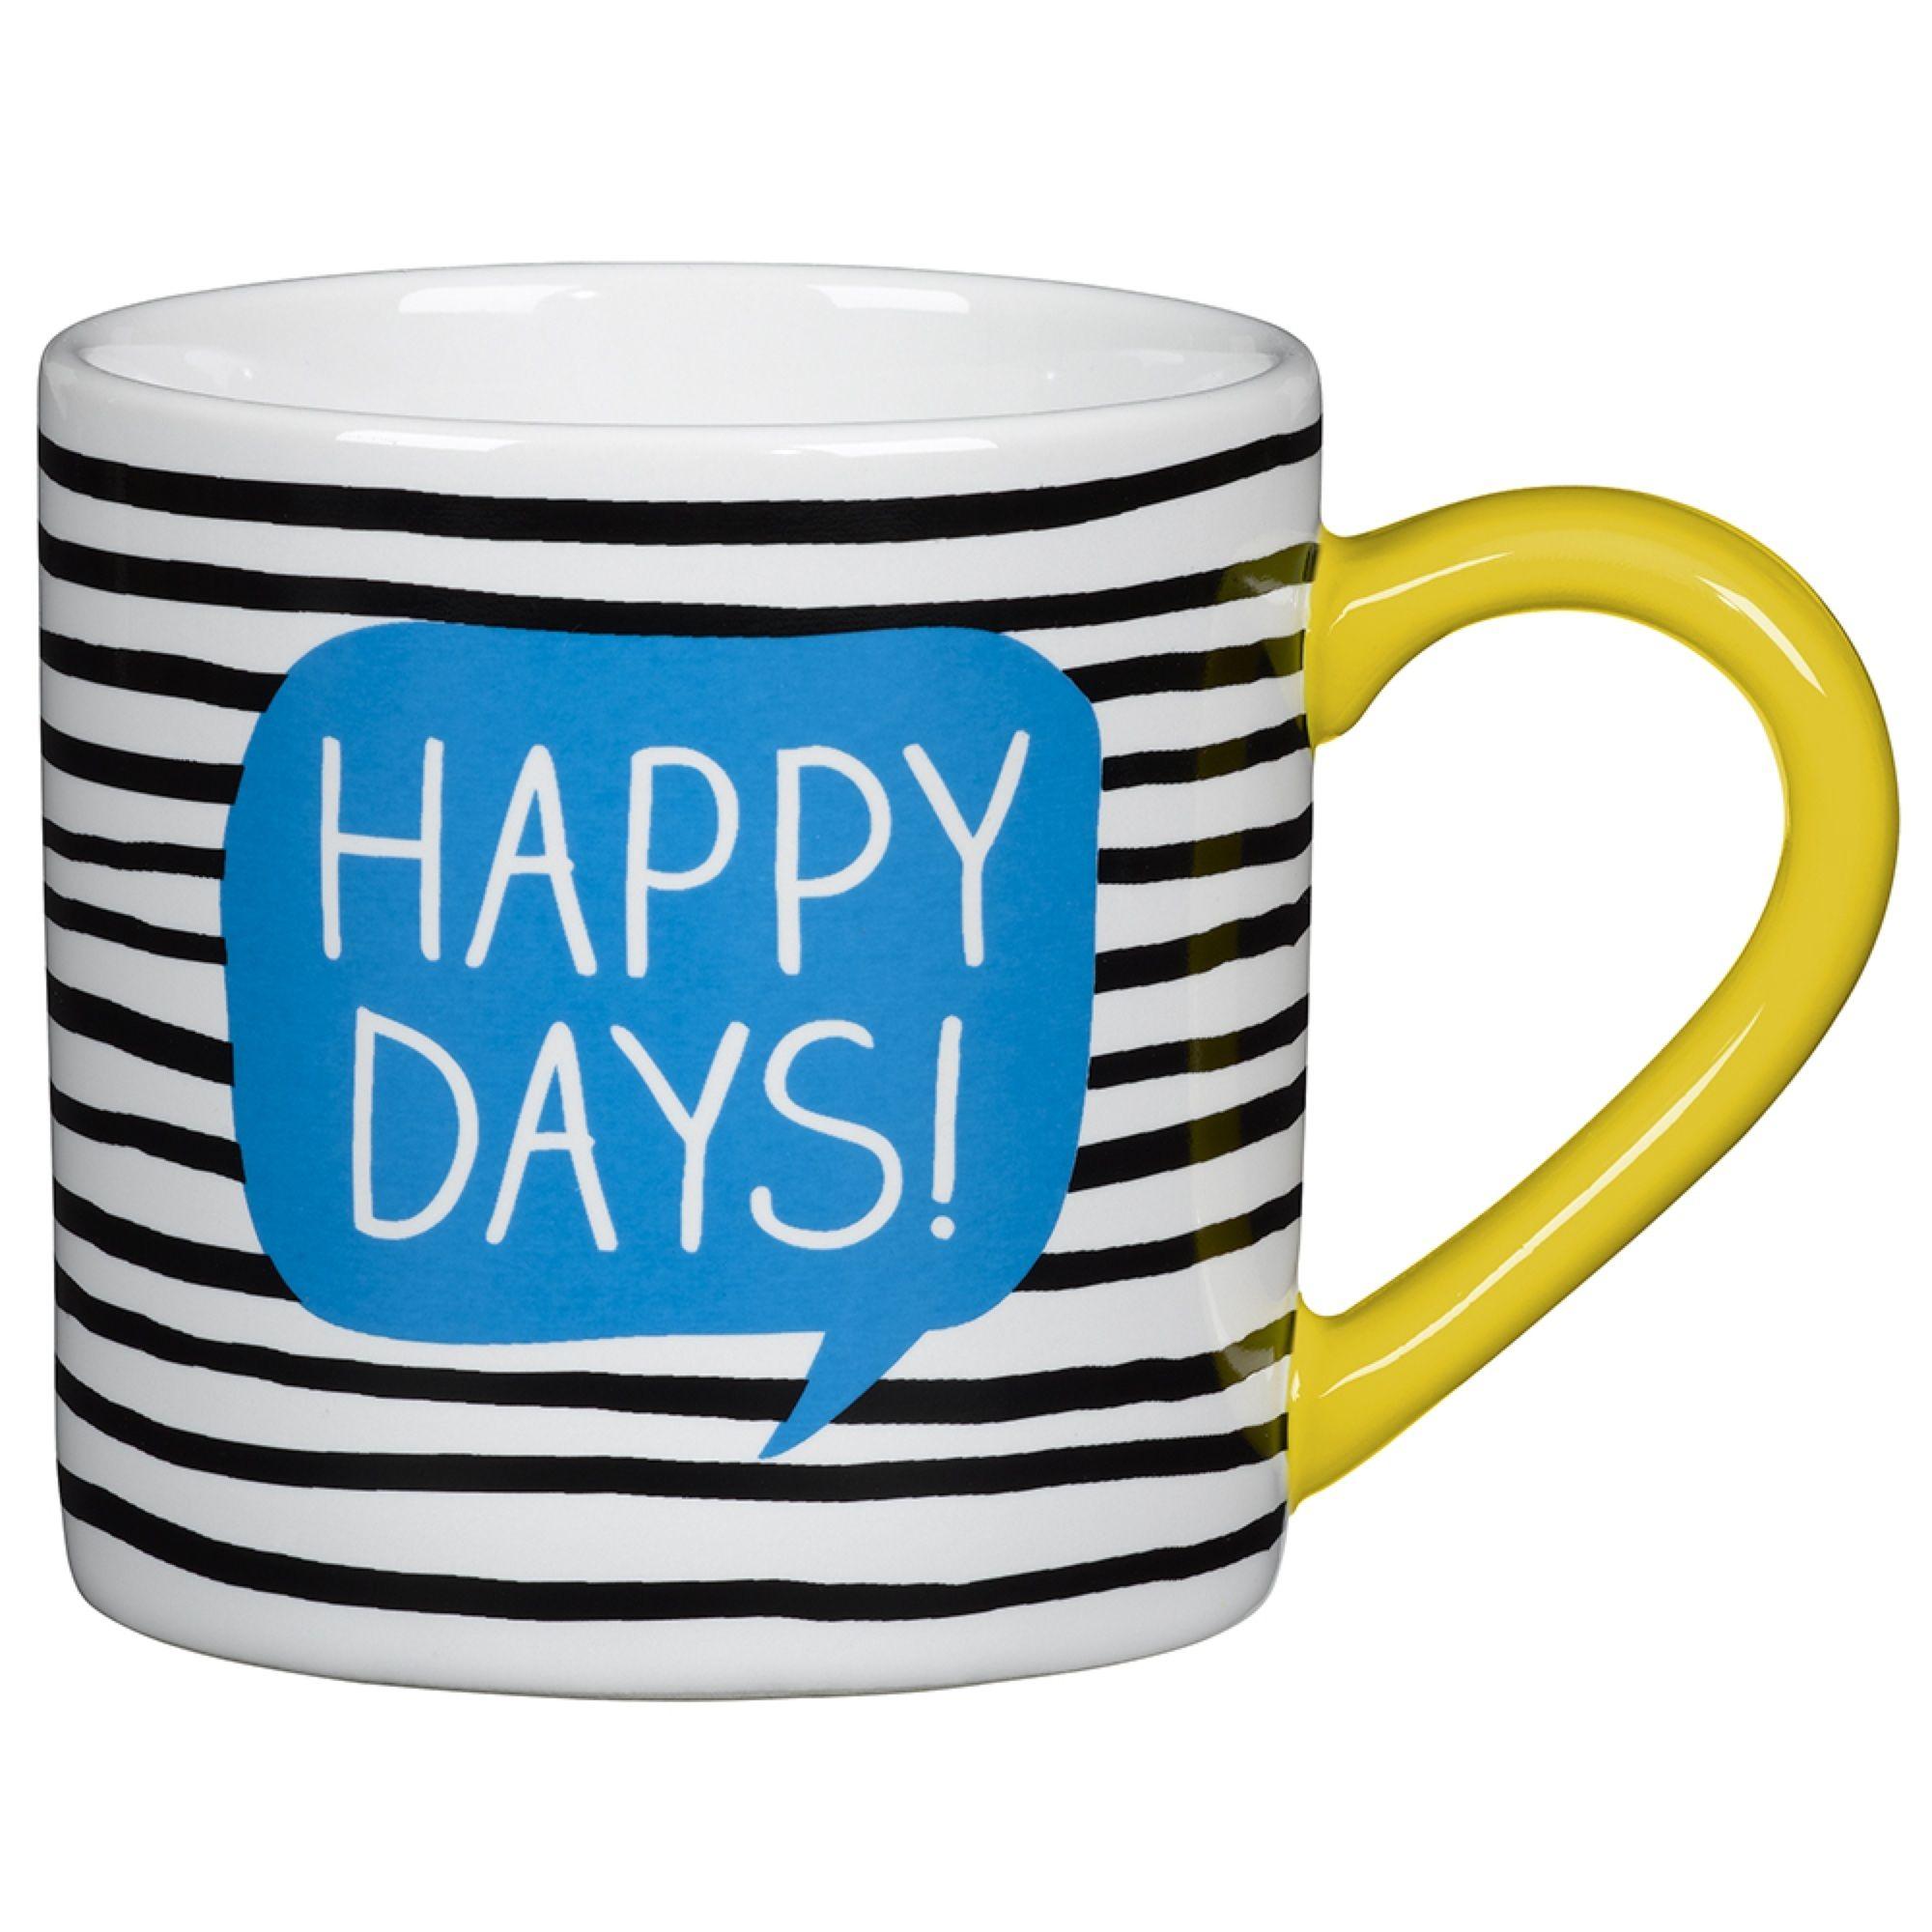 """Verschönere Deinen Alltag mit der tollen Henkeltasse """"Happy Days"""" von Wild & Wolf. Die hübsche Tasse sorgt immer für einen schön gedeckten Tisch und begeistert durch ihre schlichte Eleganz. Weiteres tolles Geschirr von Wild & Wolf findest Du bei uns im Shop."""